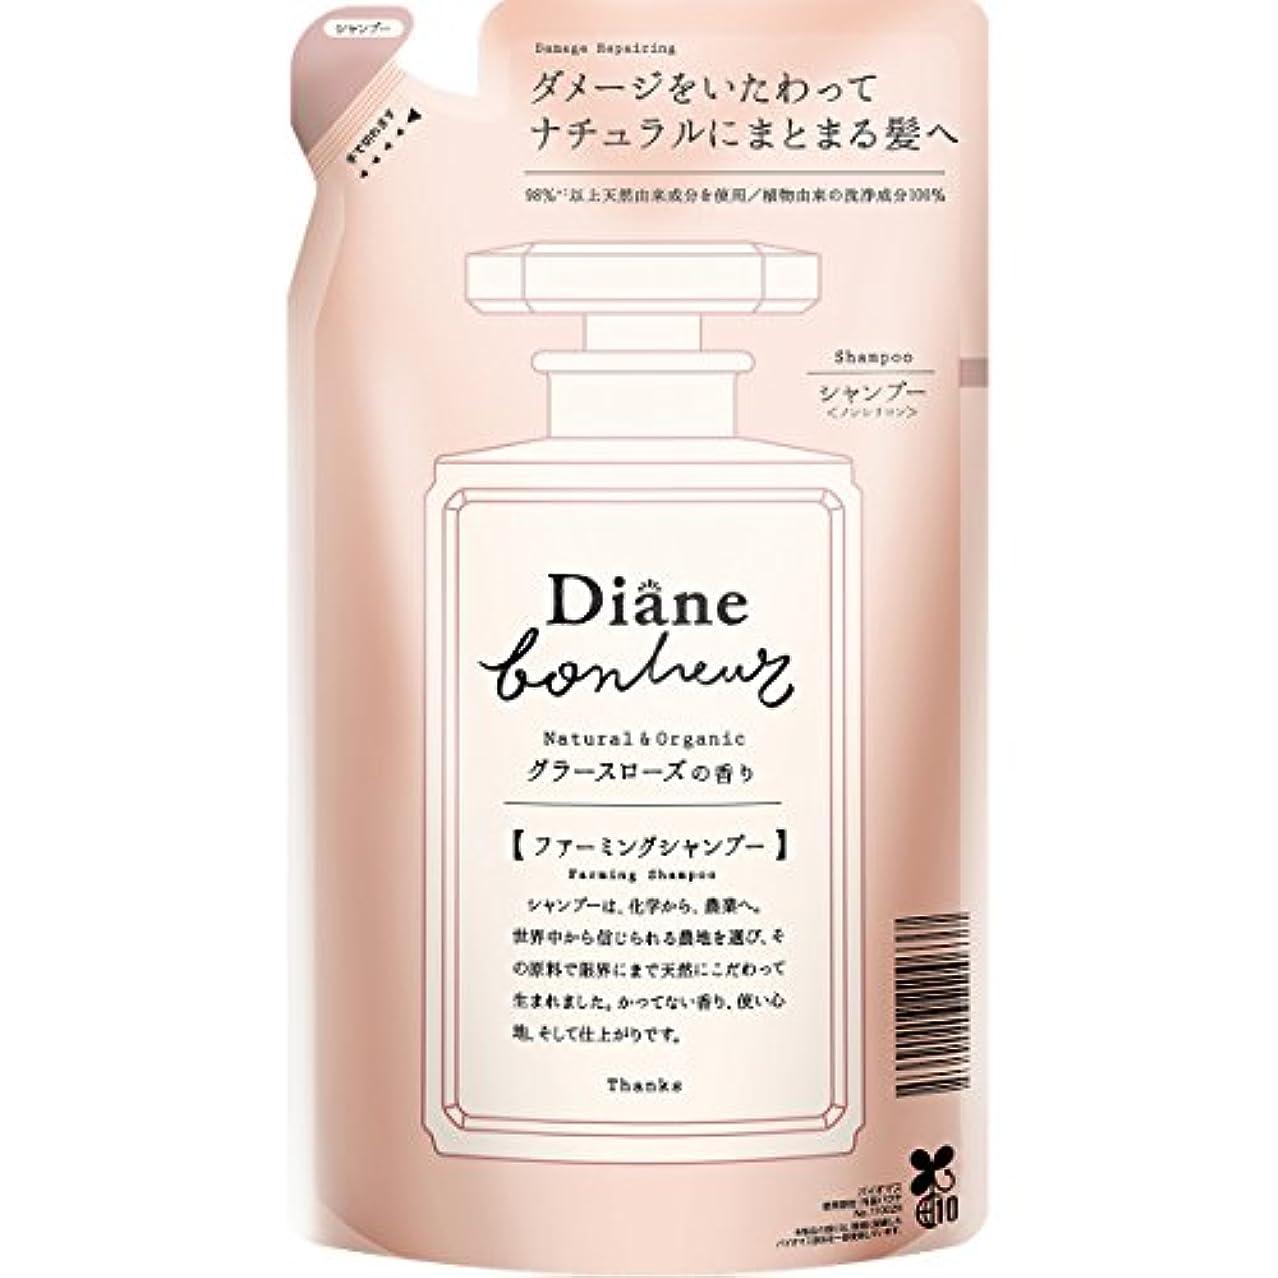 謎破壊極端なダイアン ボヌール グラースローズの香り ダメージリペア シャンプー 詰め替え 400ml